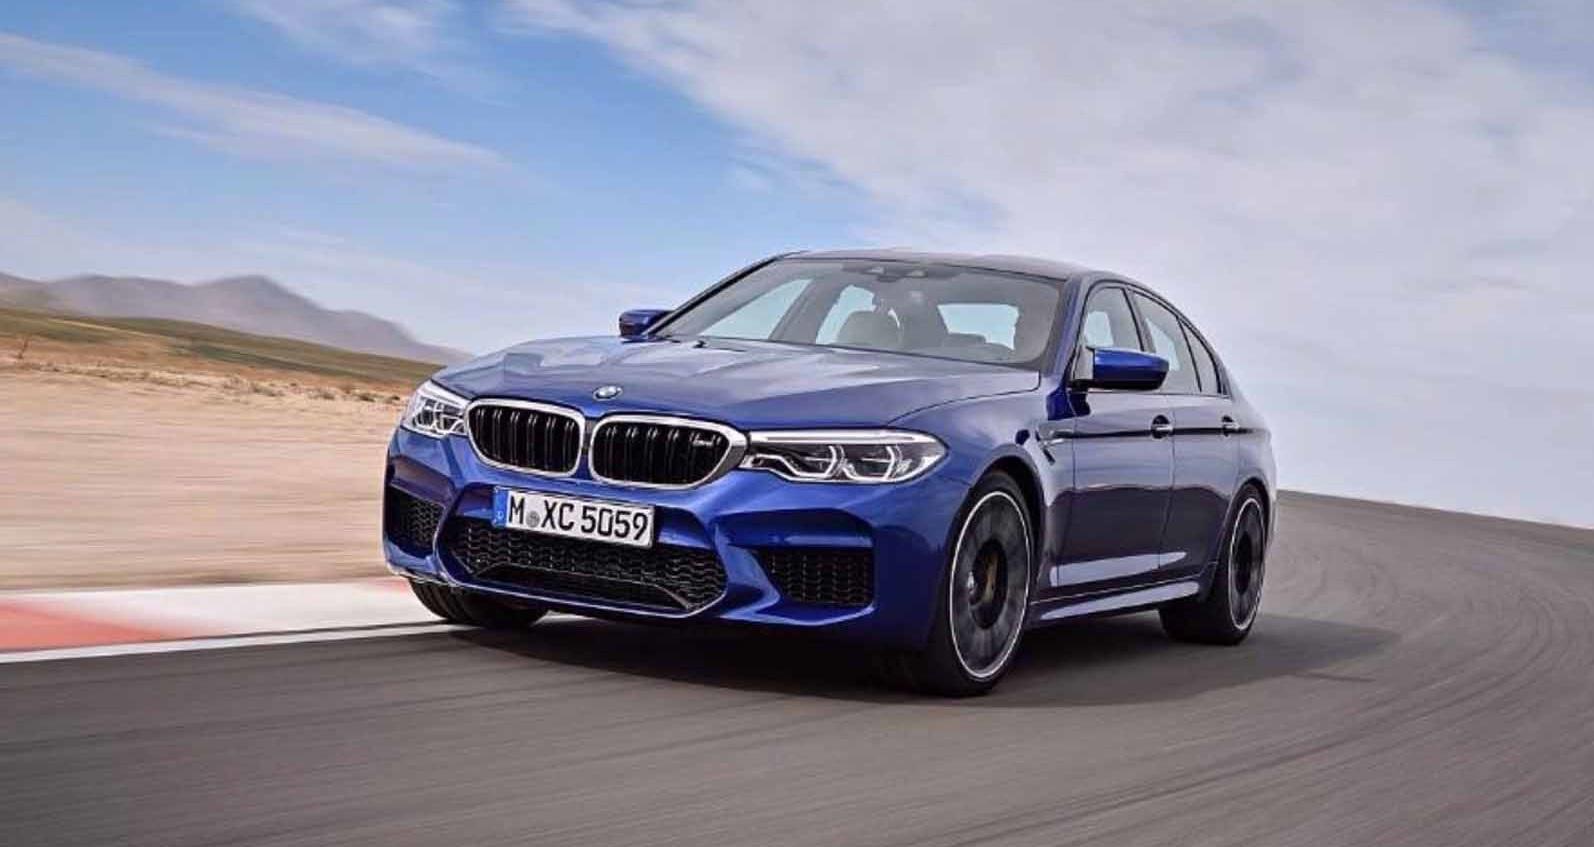 Novo BMW M5: Veja as fotografias